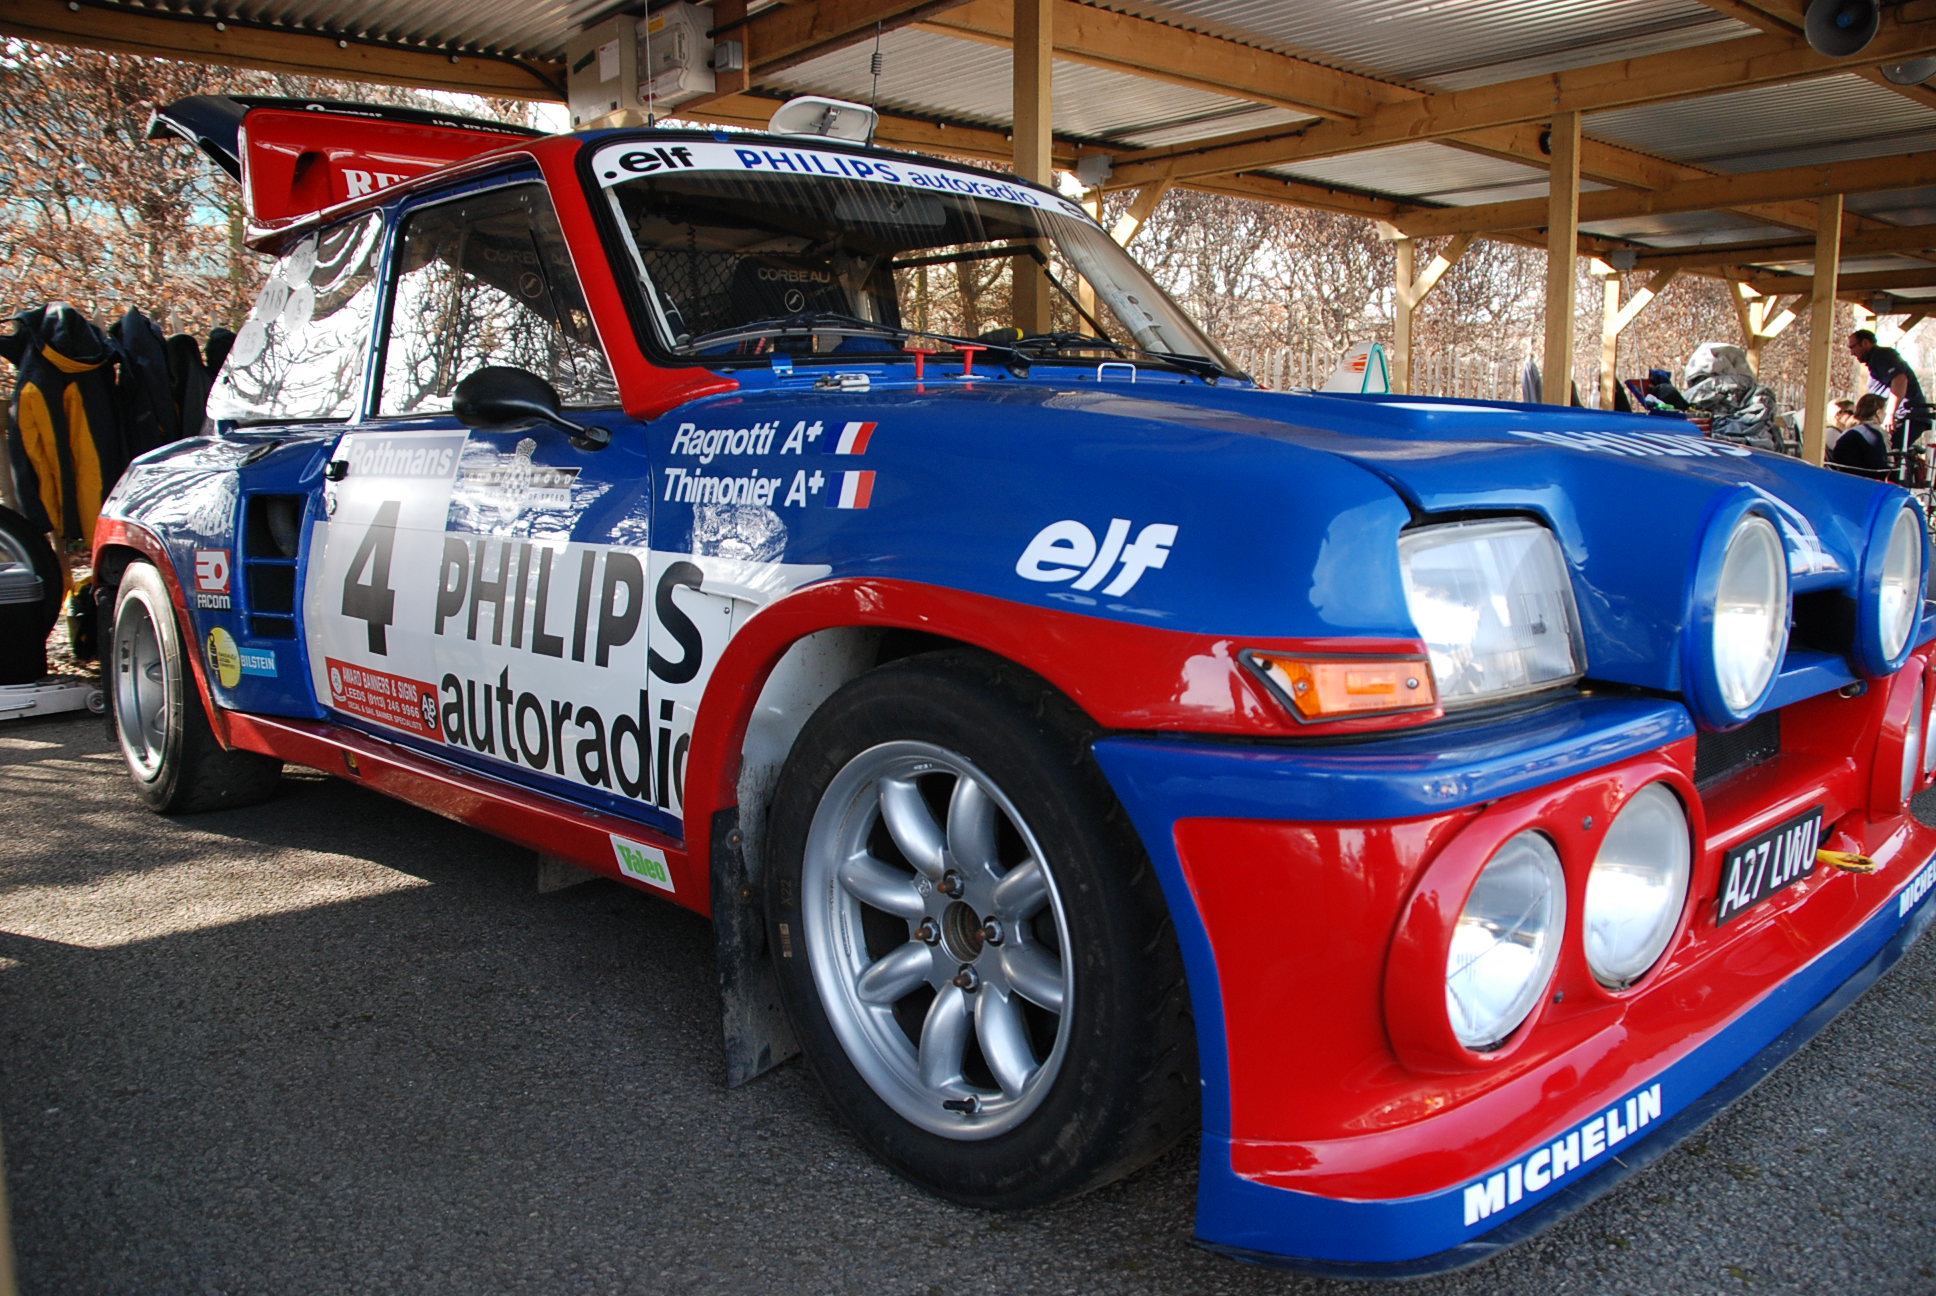 Group B Rally cars Paddock42.2 | Paddock 42